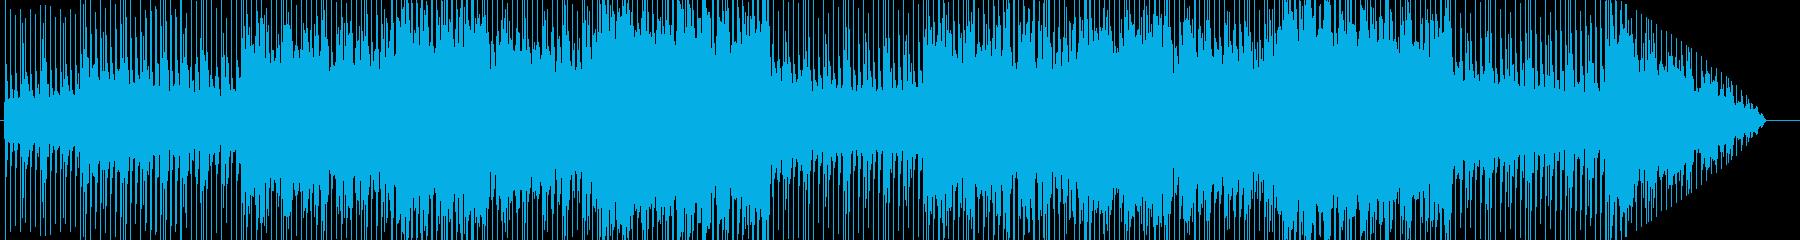 悪役を想定した壮大なオーケストラの再生済みの波形